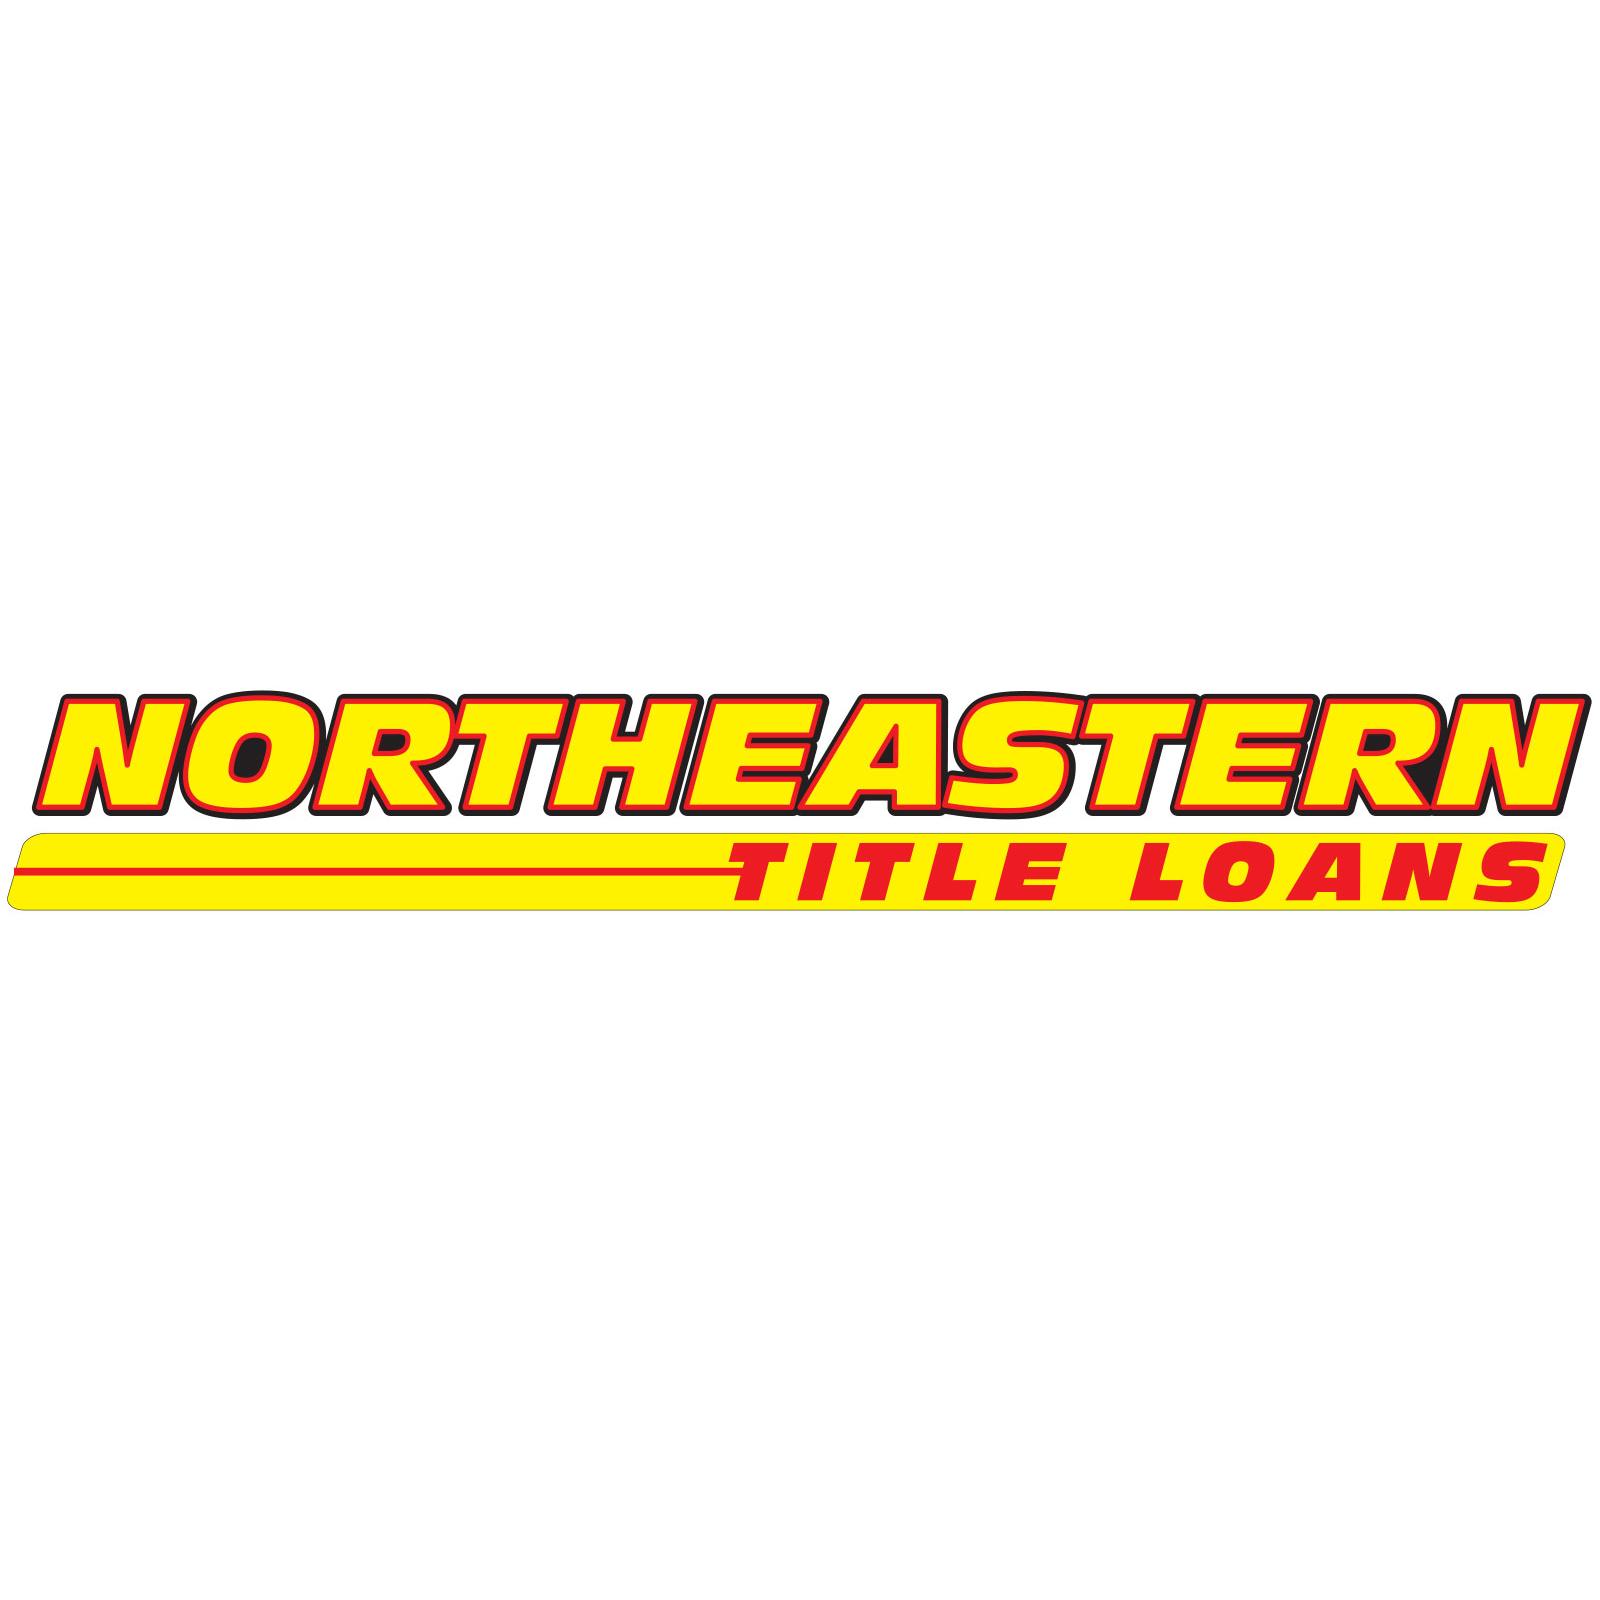 Loan Agency in DE Delmar 19940 Northeastern Title Loans 38650 Sussex Hwy Unit 10  (302)846-3580